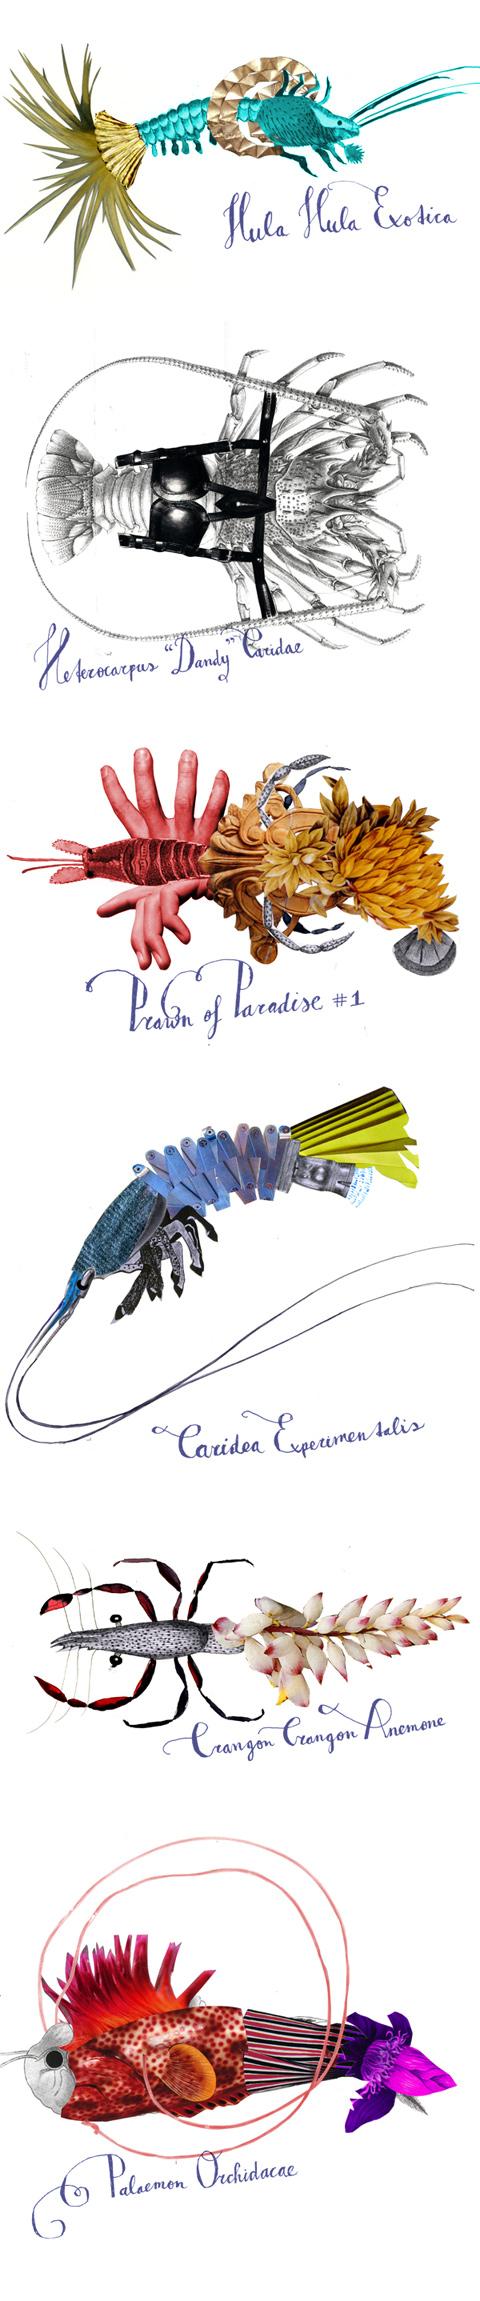 HardHoofd_crustacea-tropicana